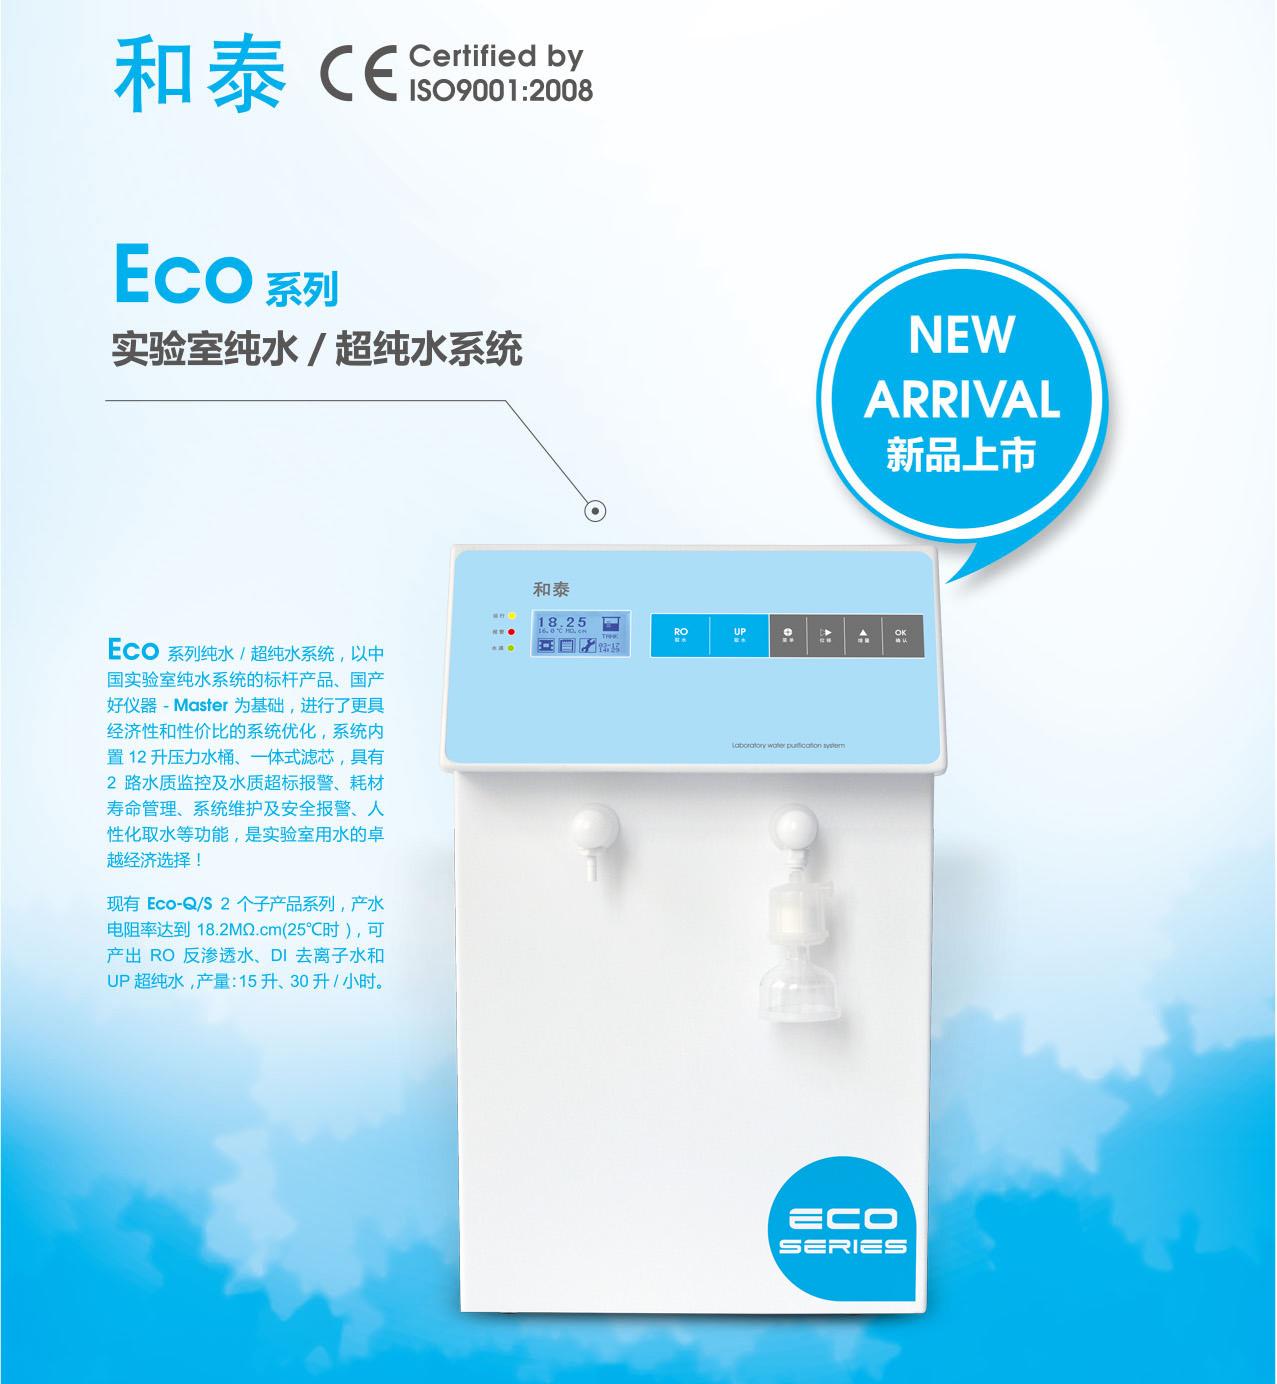 Eco-Q15